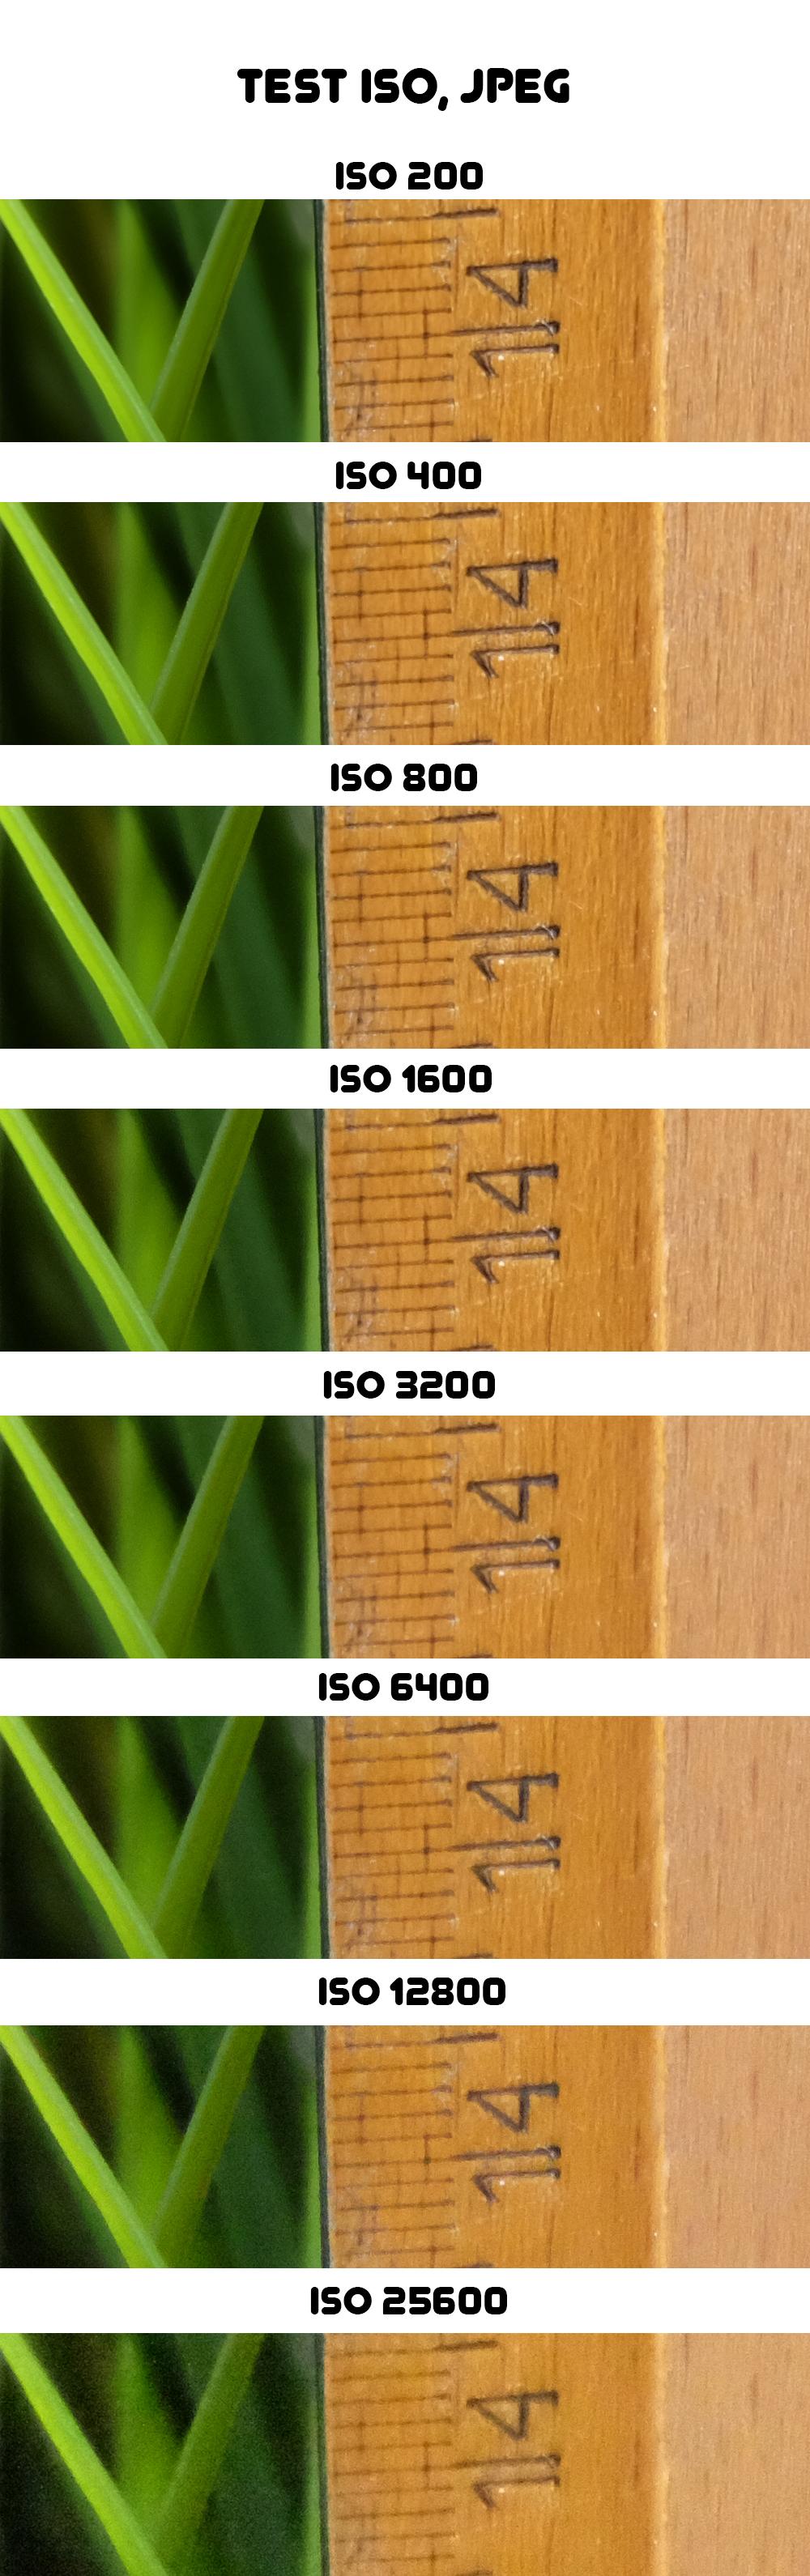 Fujifilm X-E2 - test ISO, JPEG